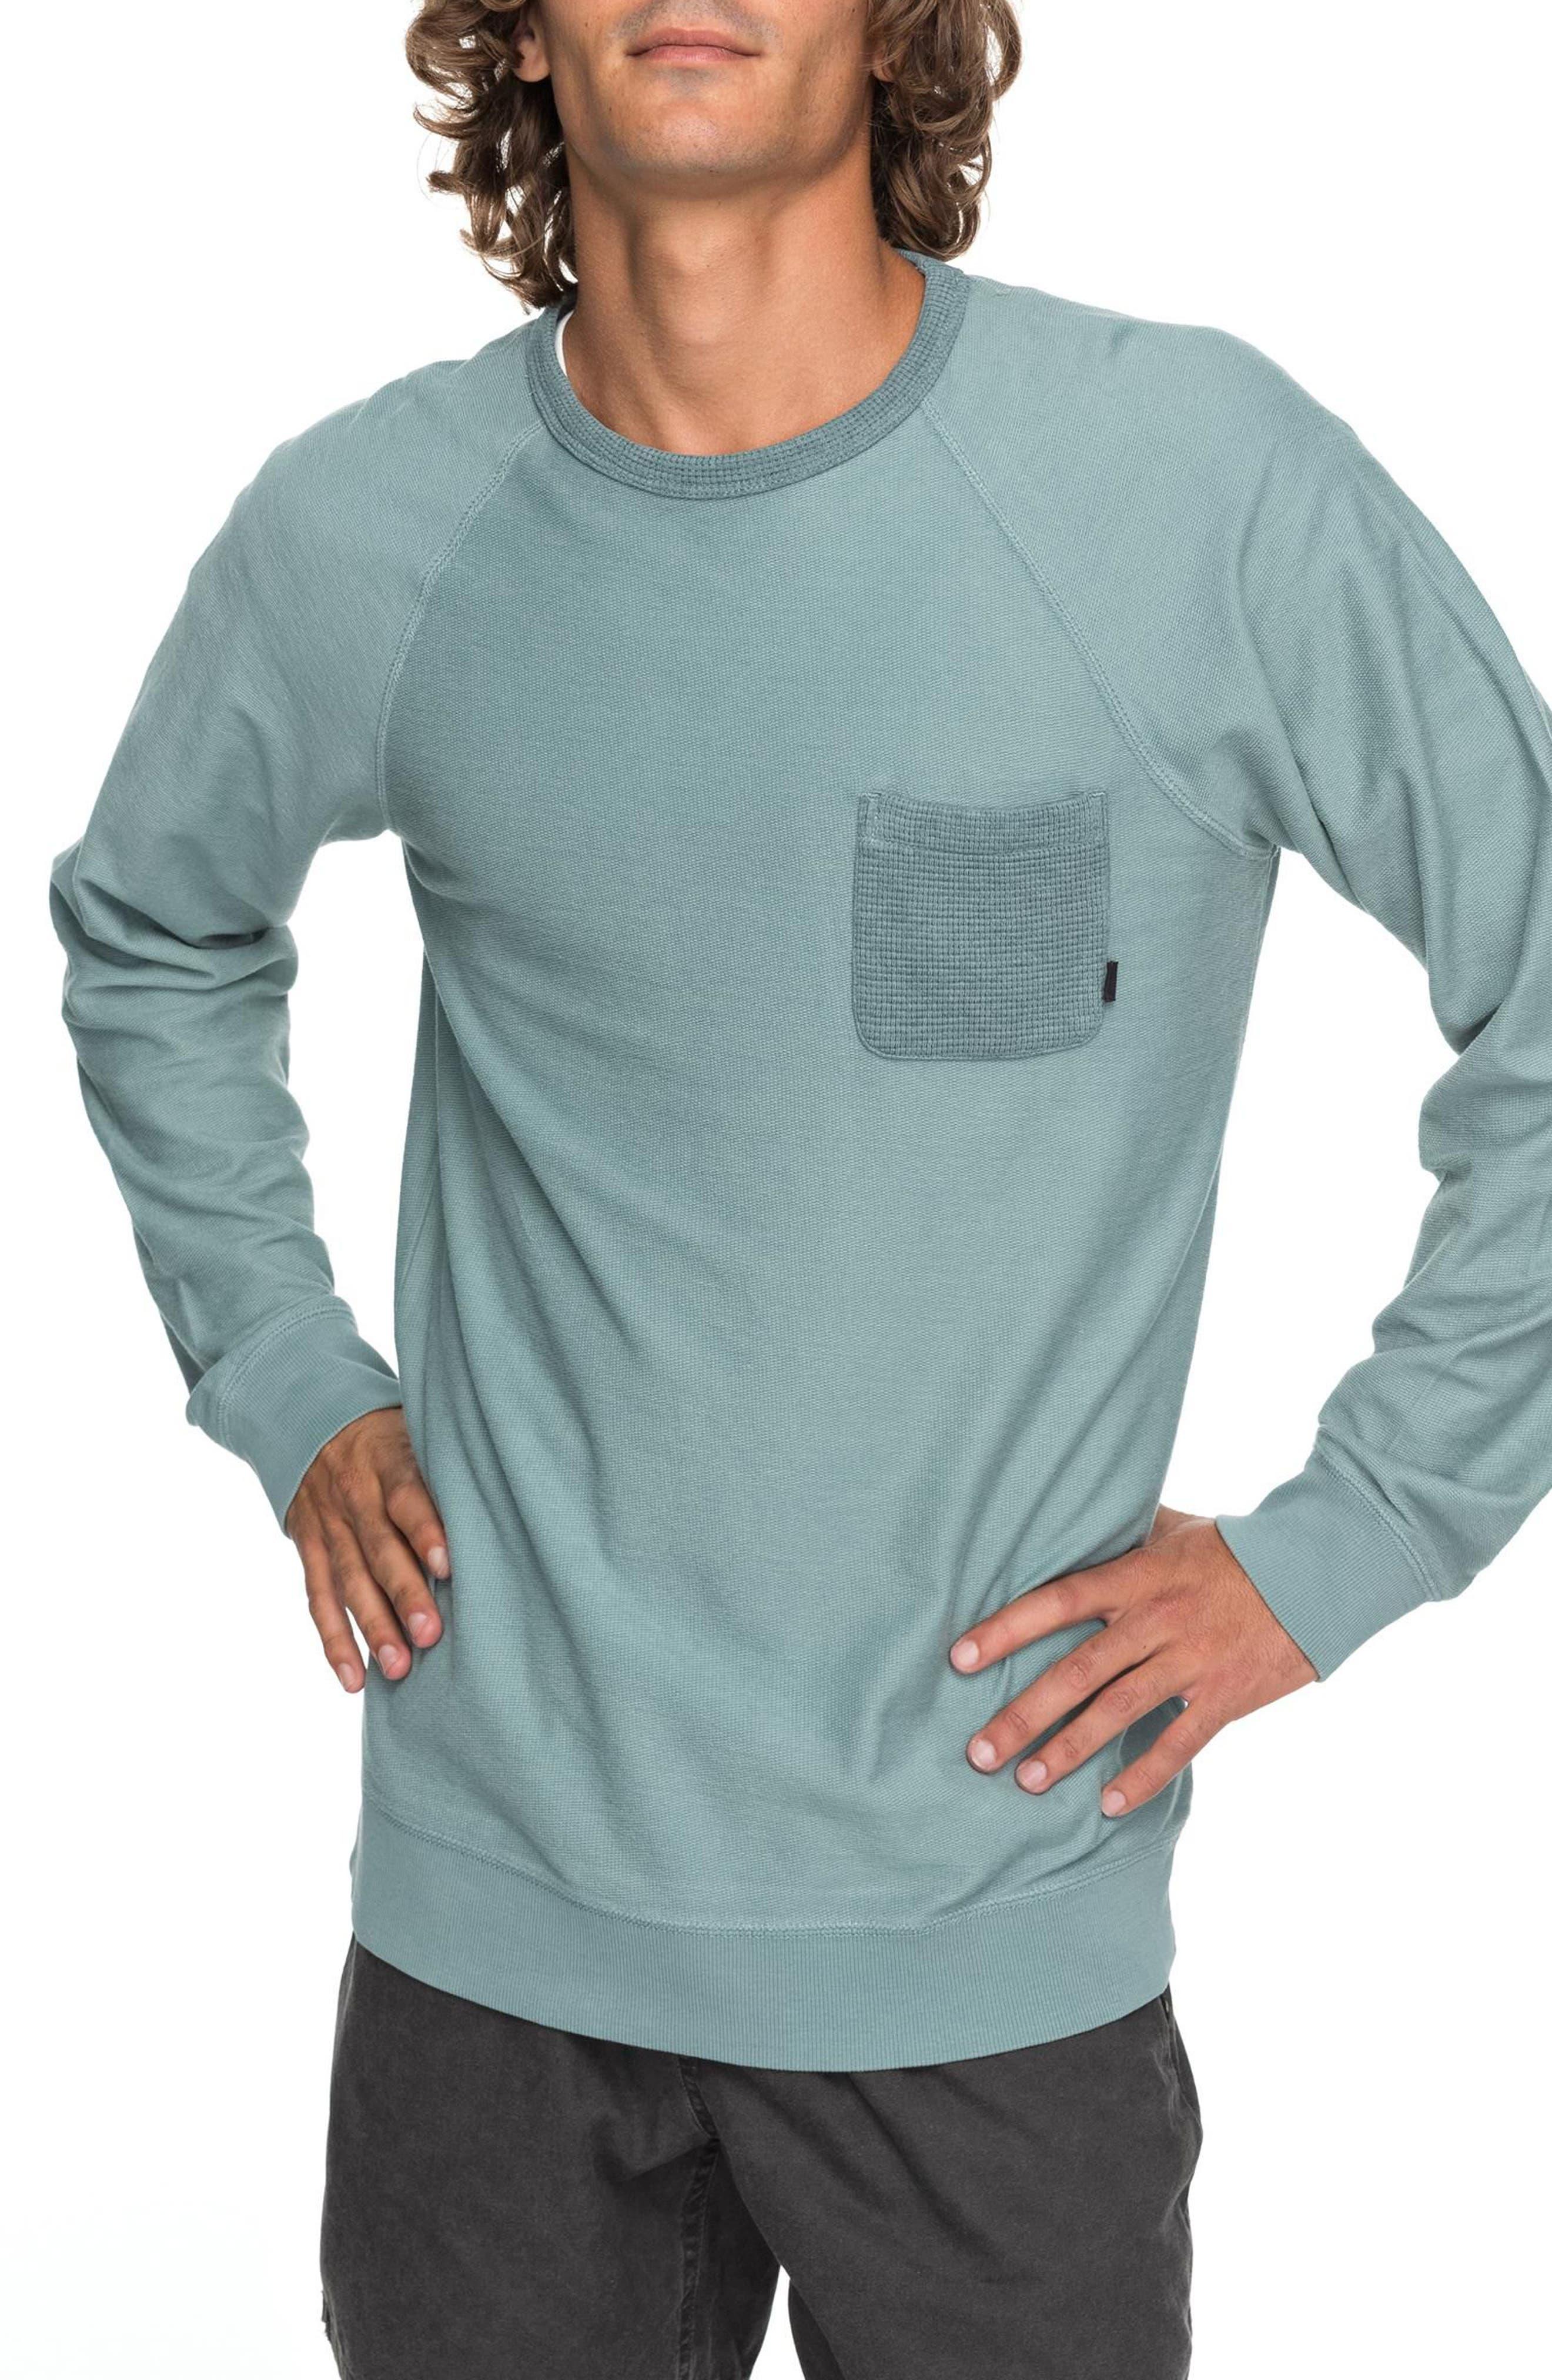 Baao Sweatshirt,                             Main thumbnail 1, color,